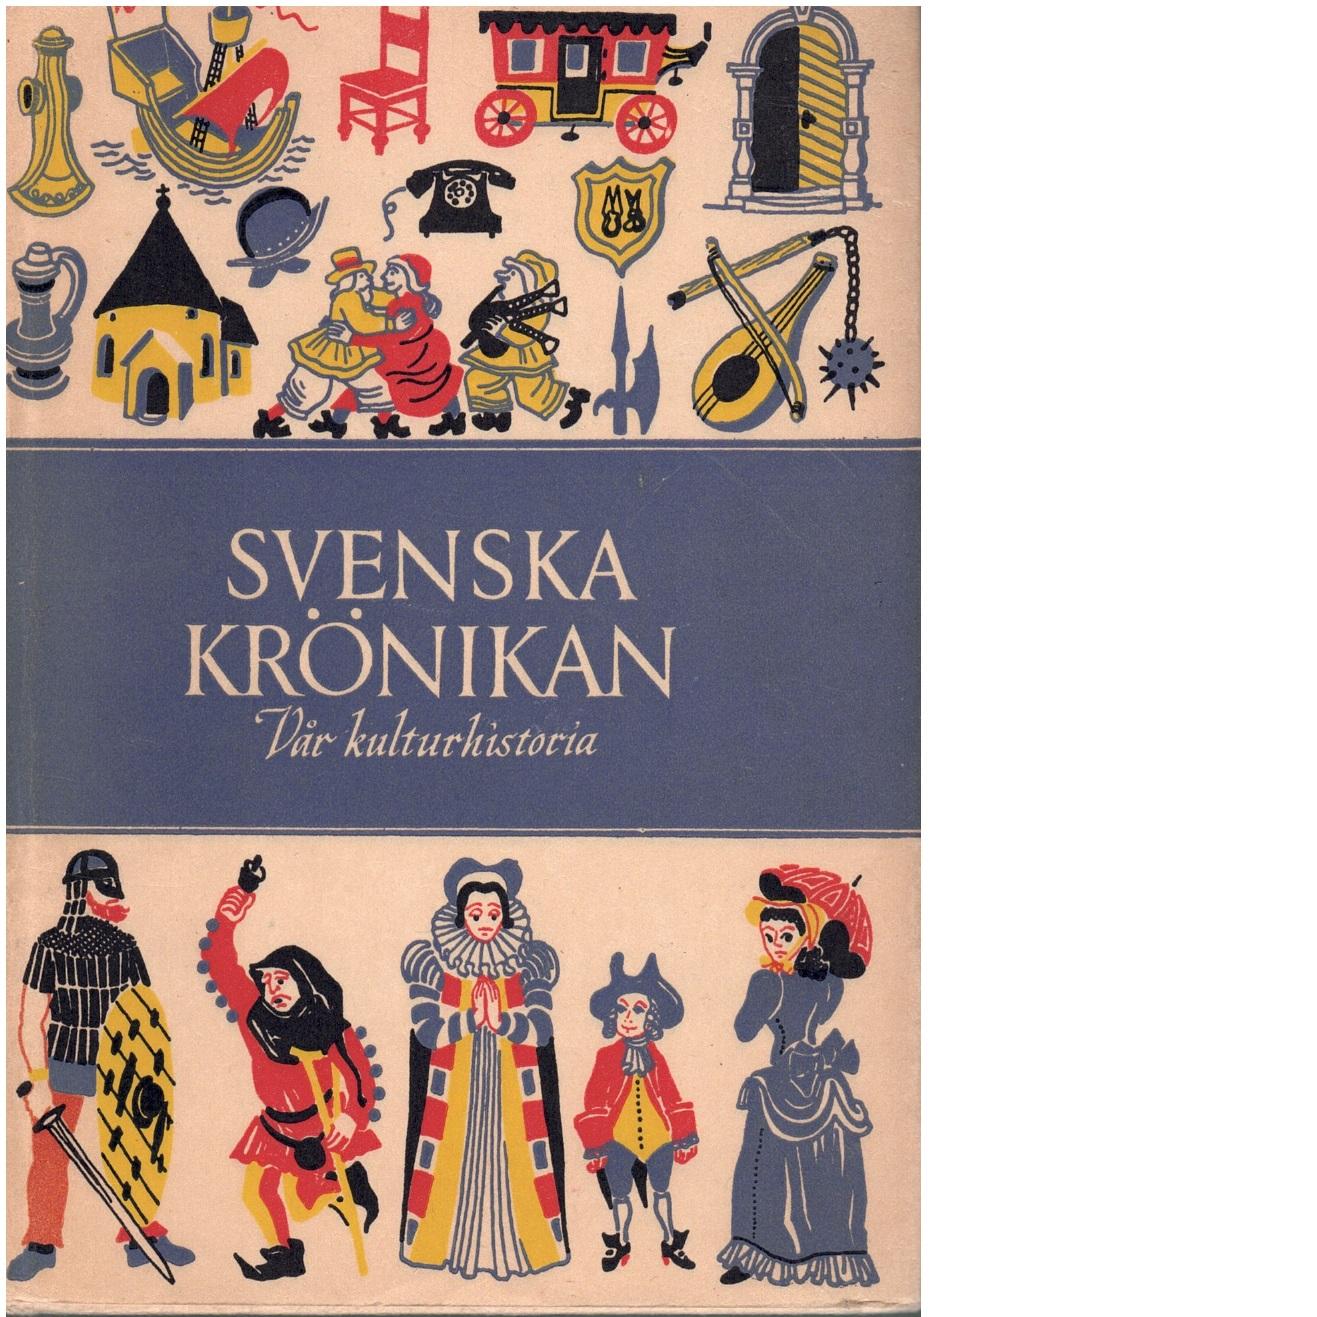 Svenska krönikan - Ohlmarks, Åke och  Baehrendtz, Nils Erik